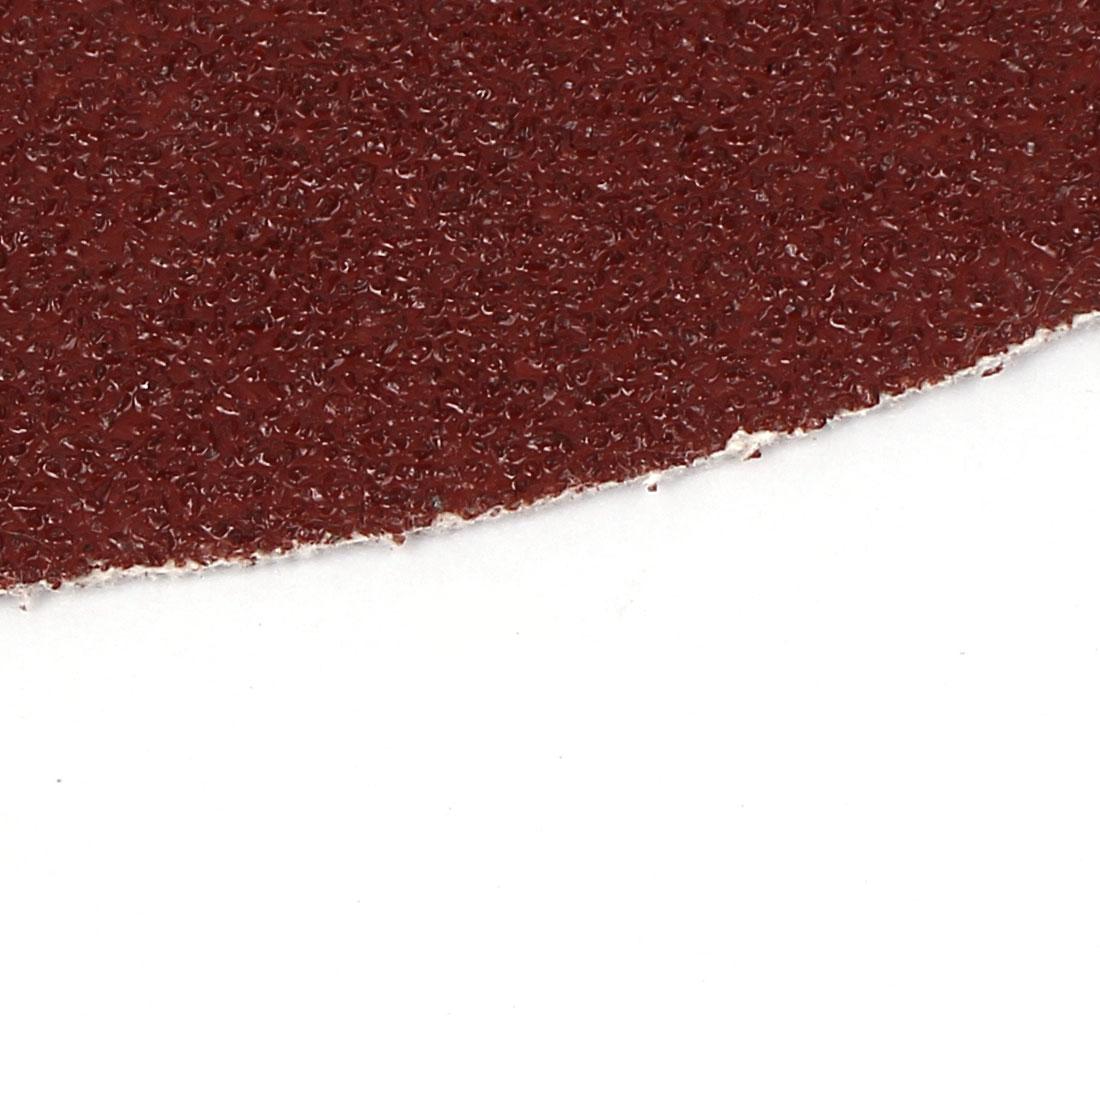 """8"""" Diamètre ronde polissage pon age abrasifs feuille papier verre grain 40 Disque 10 pc - image 2 de 3"""